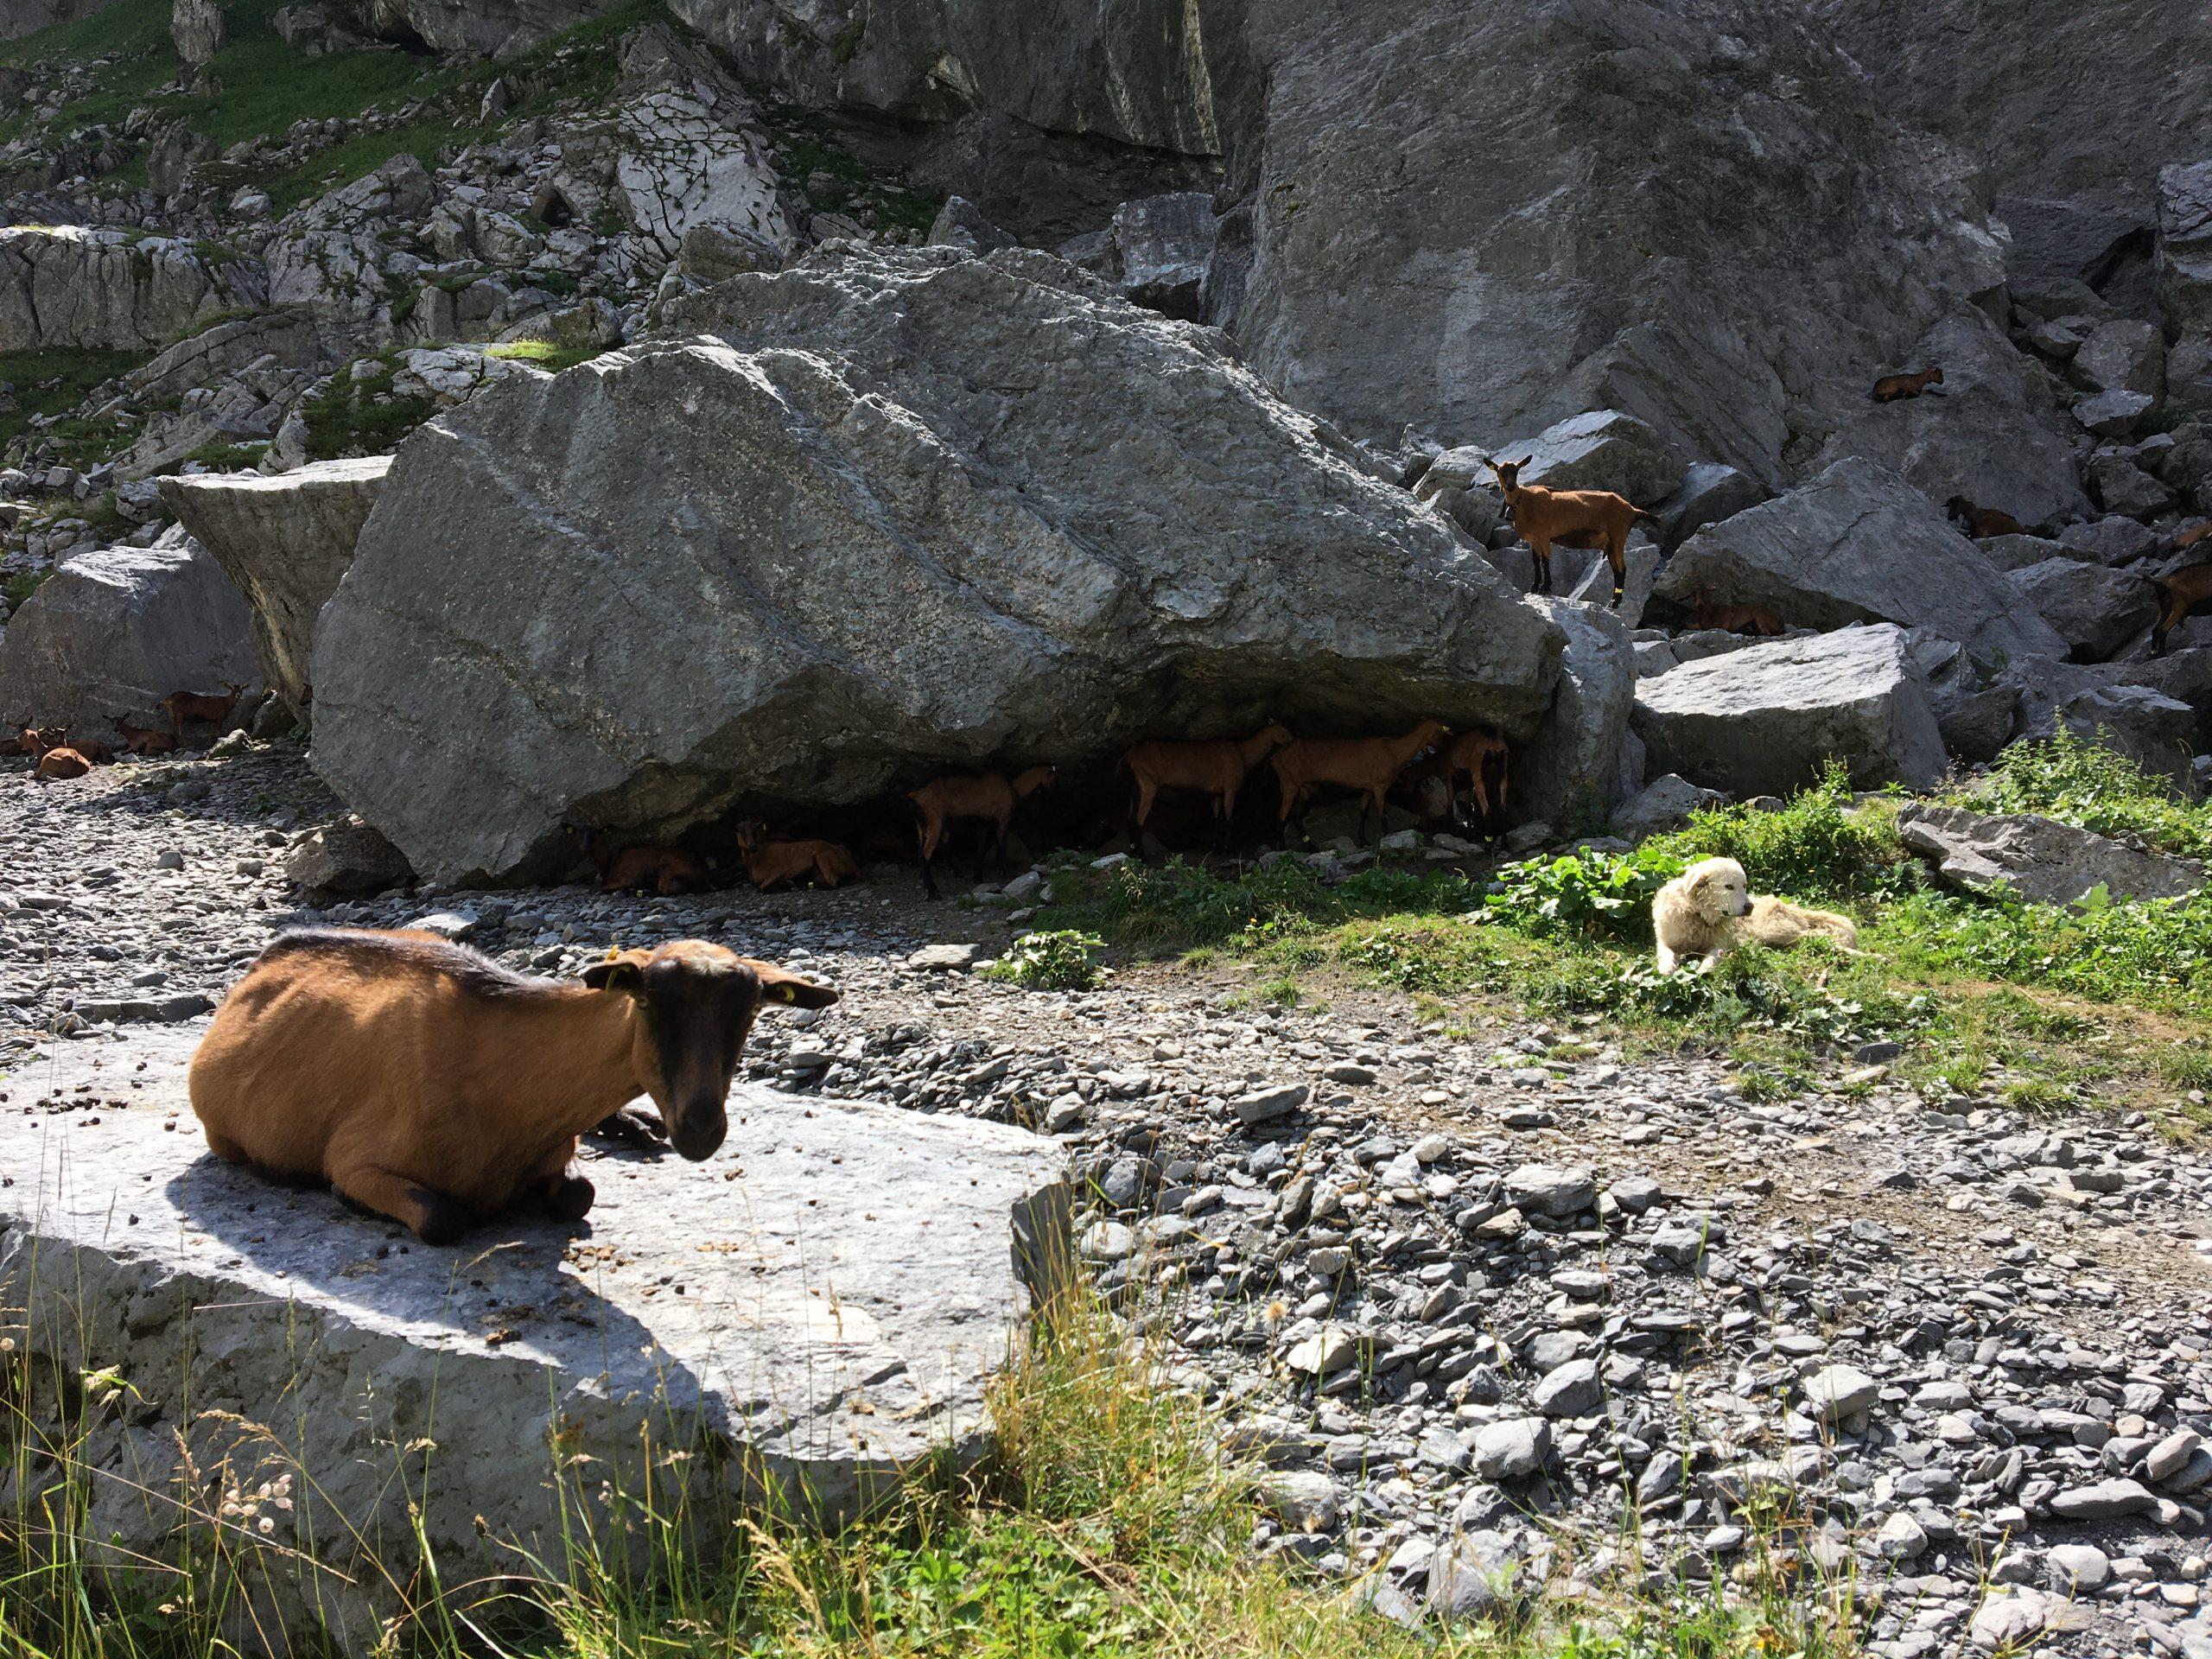 Alpagiste éleveuse de chêvres à Salvadon. Reportage intégral du 12 août 2020.